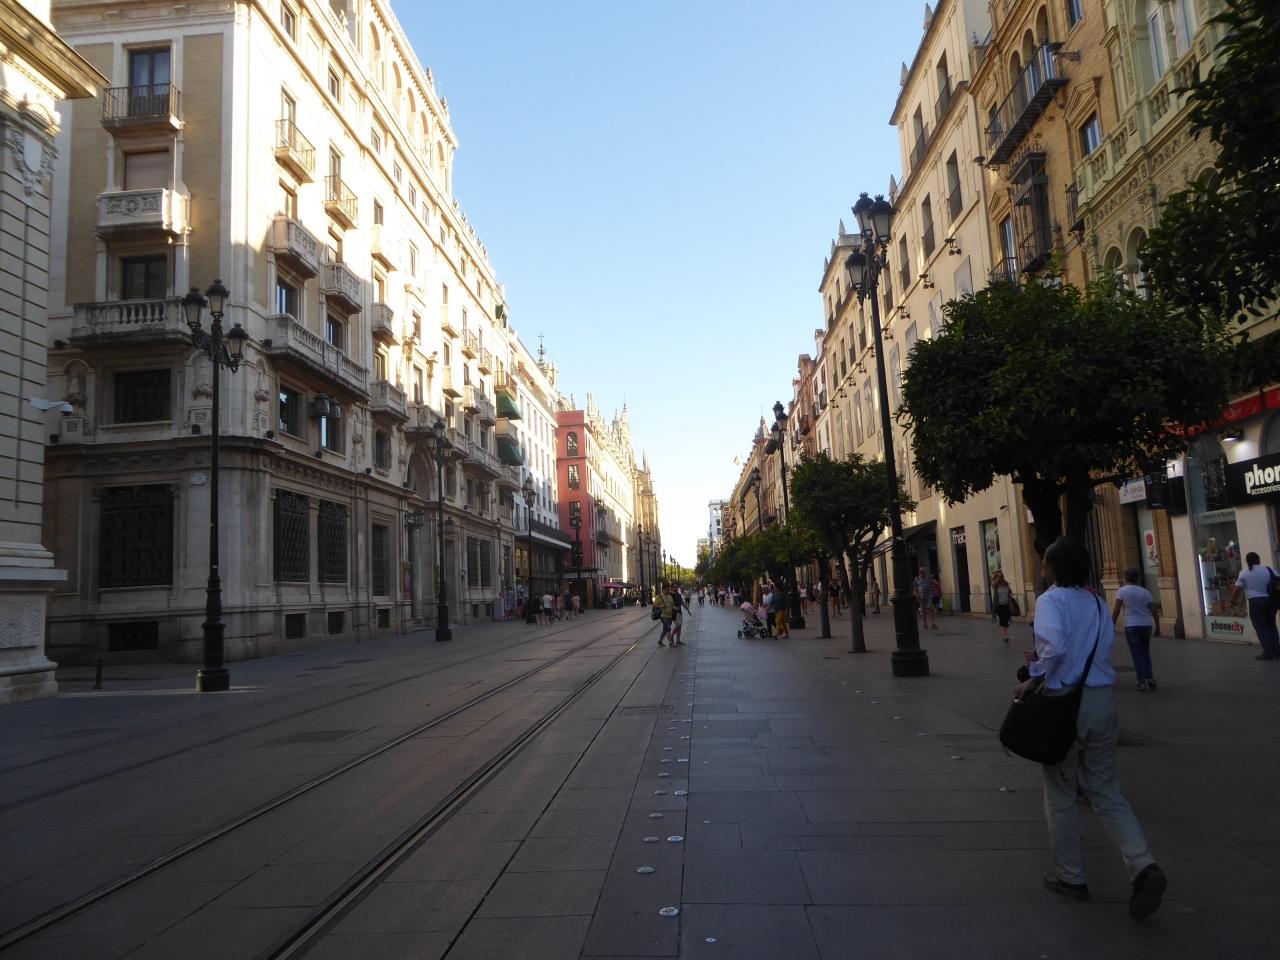 旧市街 クチコミ一覧【フォートラベル】|Centro Historico de Sevilla ...